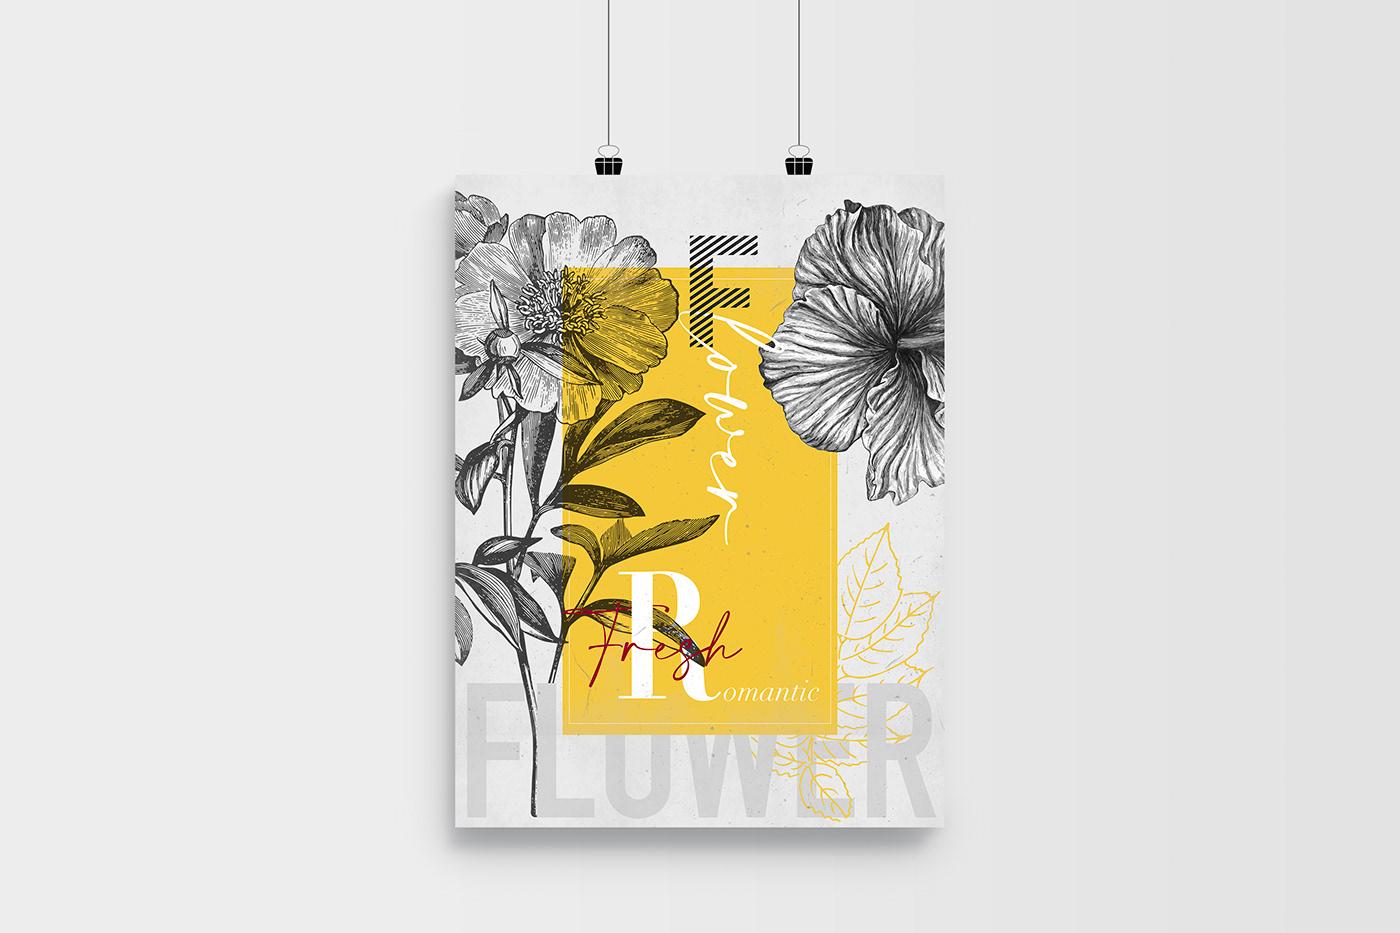 Fleurs flower poster